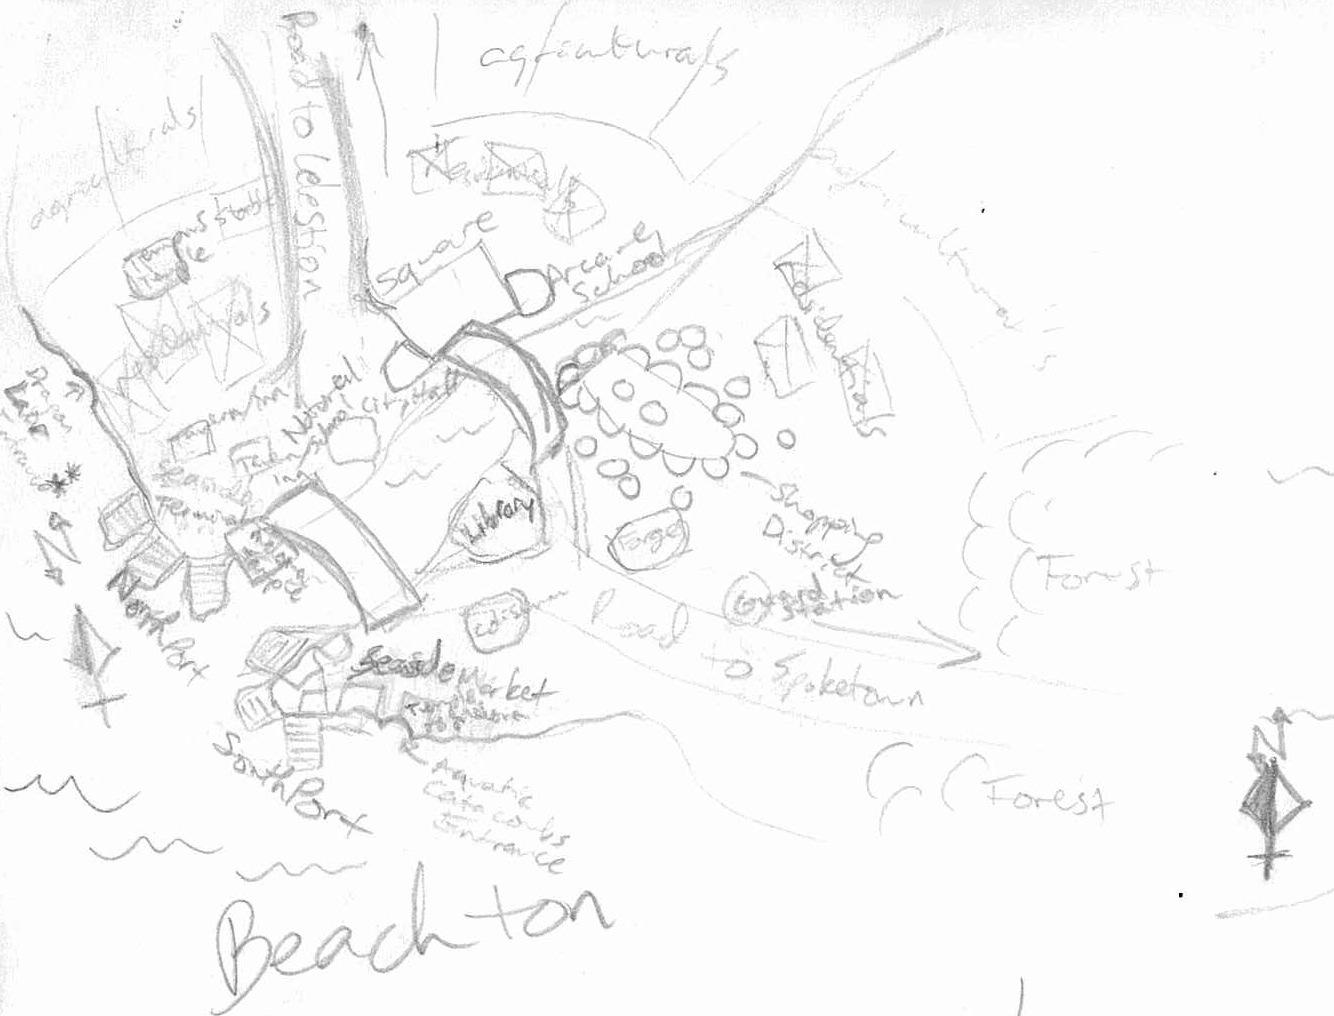 Map beachton